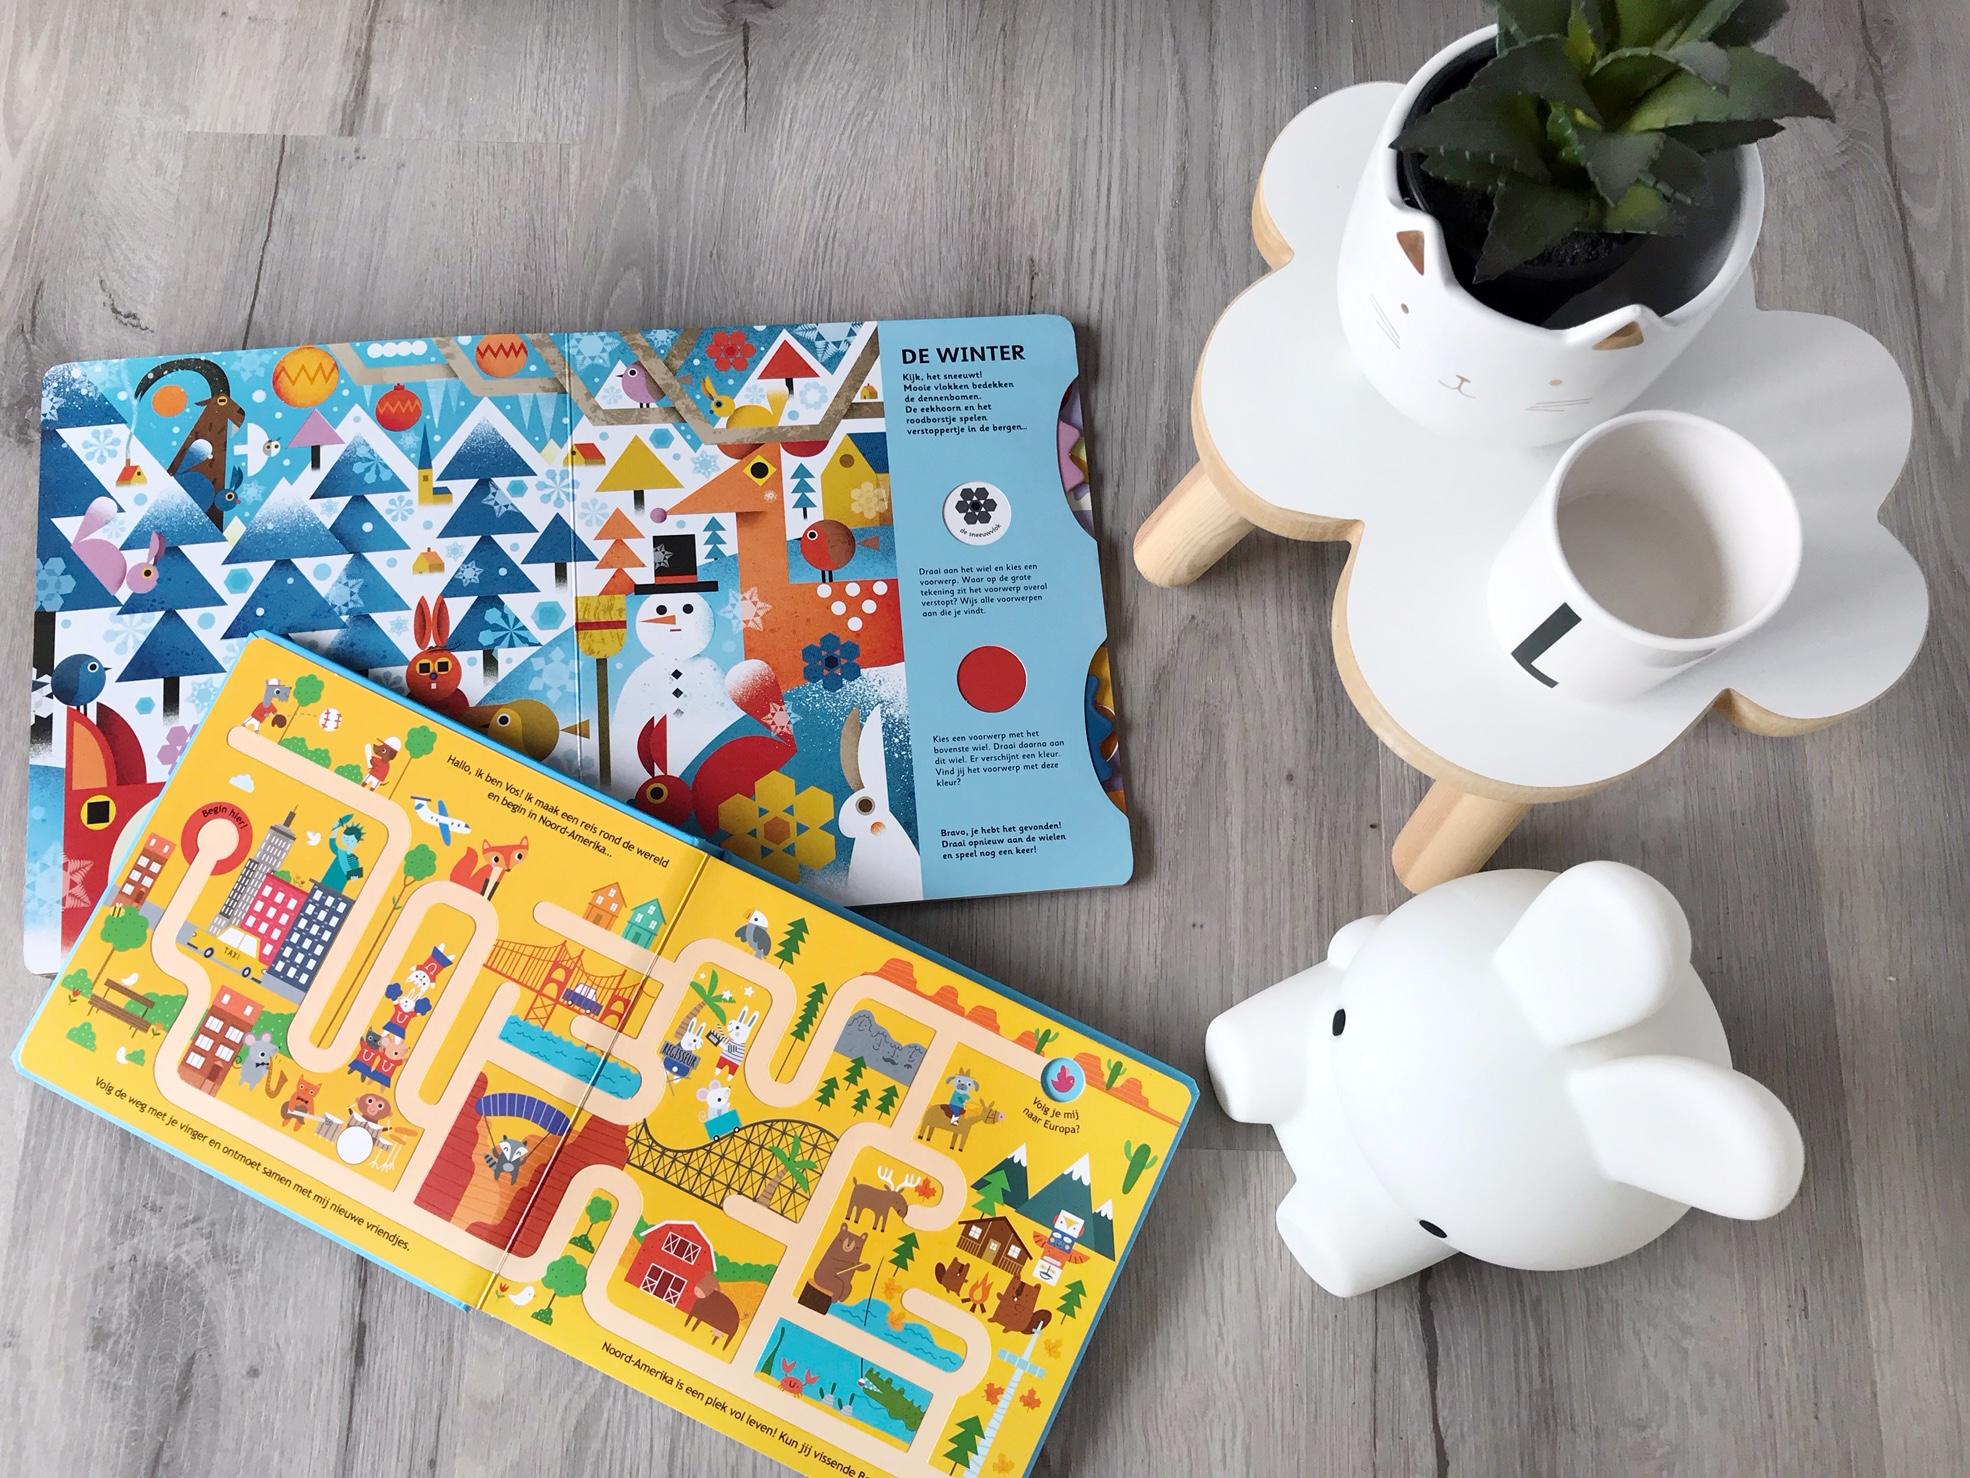 Draai, schuif, volg of zoek – deze 5 kinderboeken houden je peuter wel even zoet